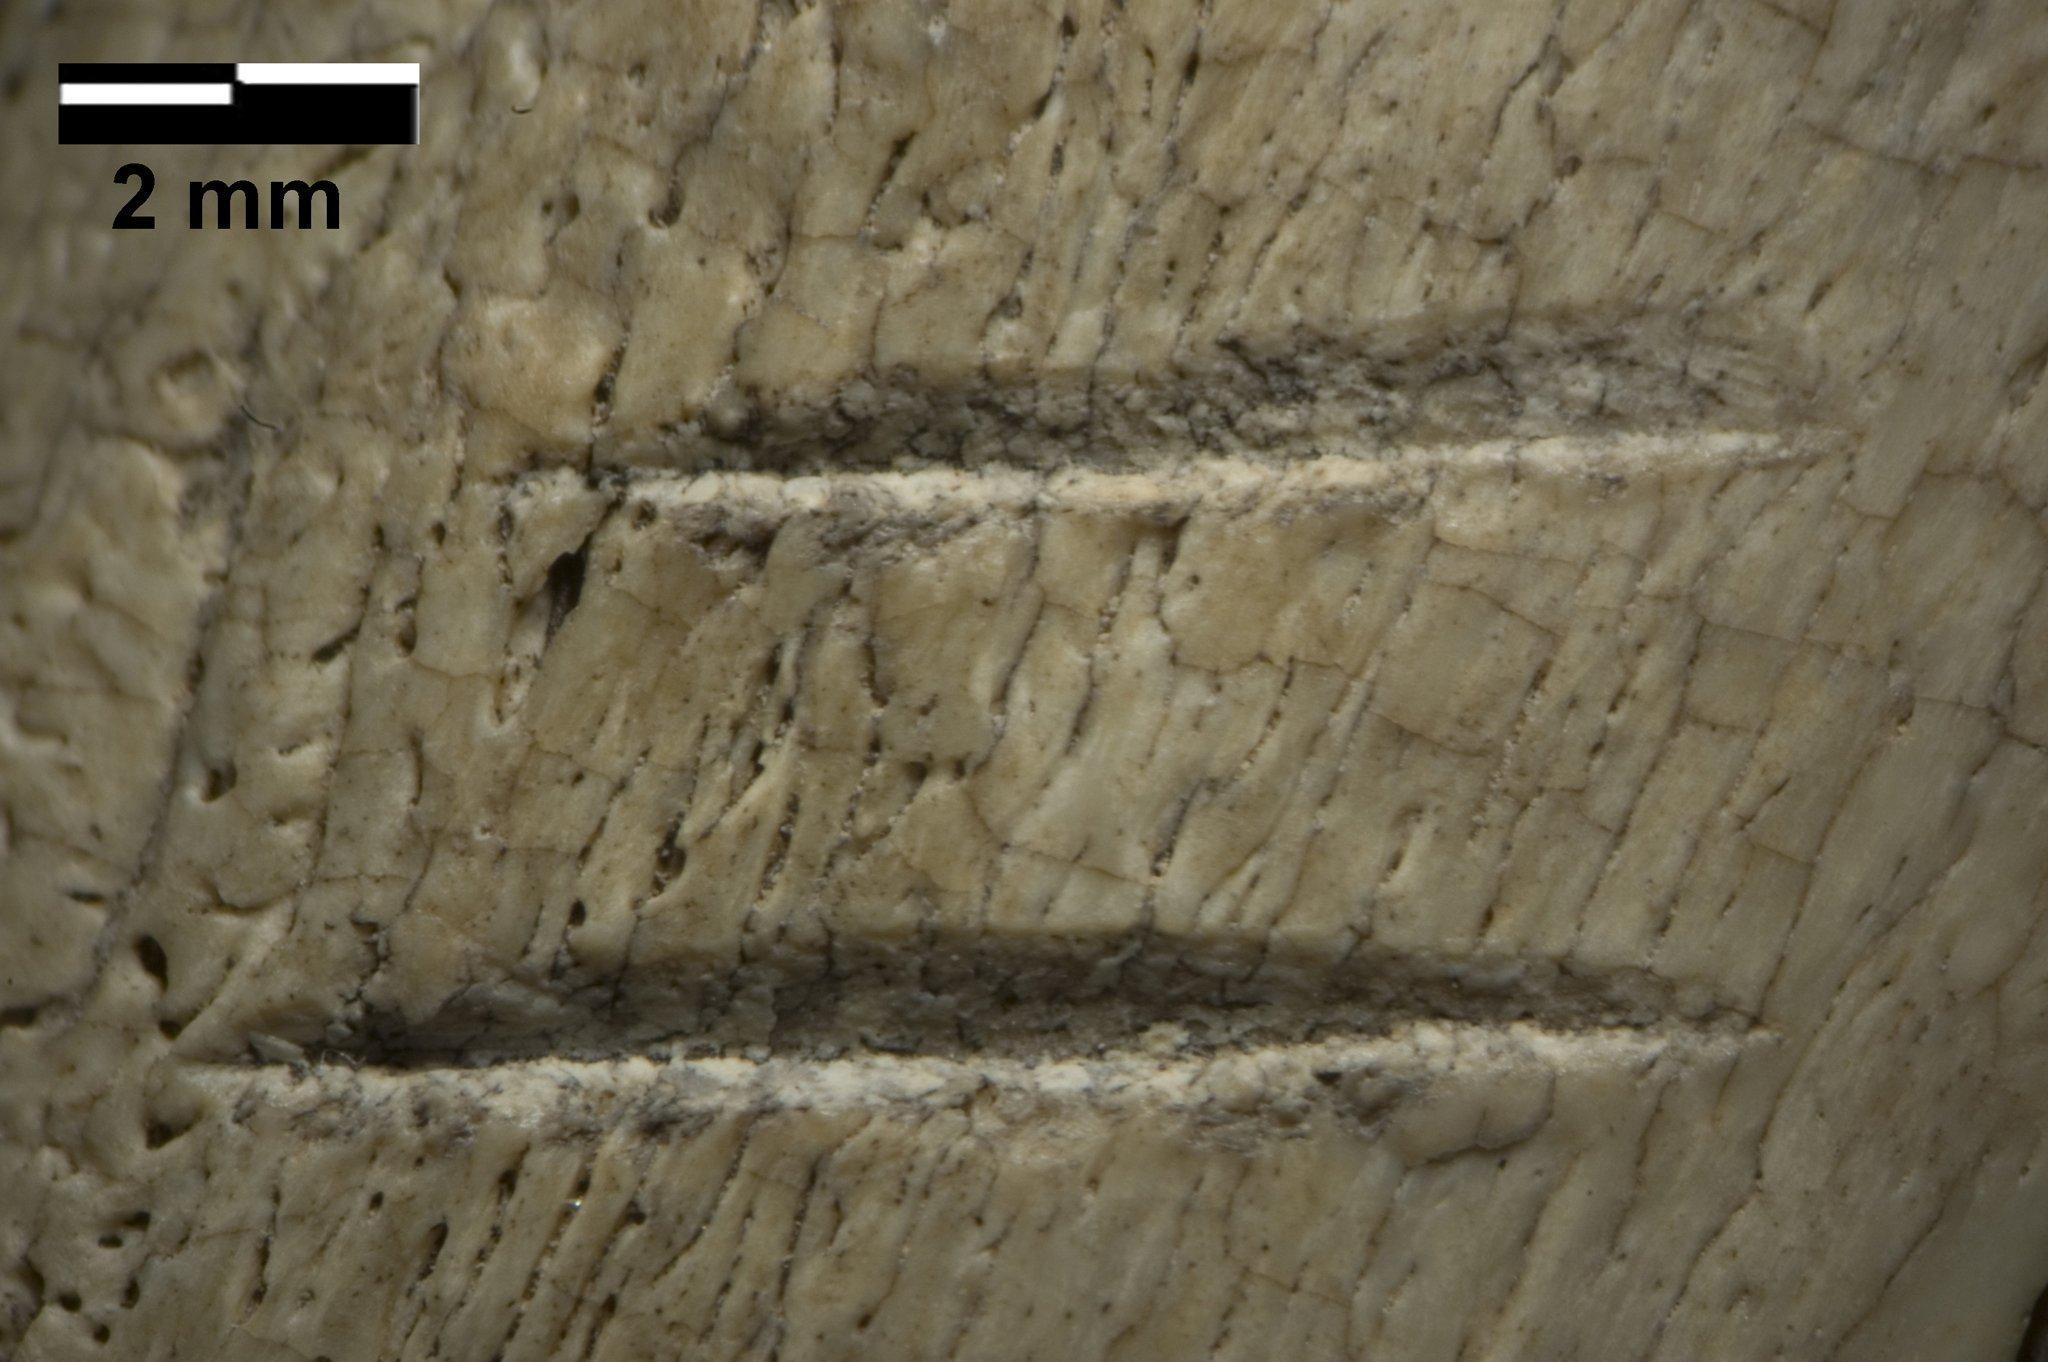 Das Foto zeigt einen 3,4Millionen Jahre alten fossilen Knochen, auf dem mehrere, nur wenige Millimeter lange Kratzer zu erkennen sind. Forscher der Emory University im US-Bundesstaat Georgia sind sich nach Untersuchung der Spuren sicher, dass die Kratzer von Steinen stammen, mit denen Vormenschen Fleisch von den Knochen toter Tiere abgeschabt haben. Zwar waren die Wesen noch keine Menschen – gehörten also nicht der Gattung Homo an -, doch offenbar nutzen sie bereits Steinwerkzeuge.